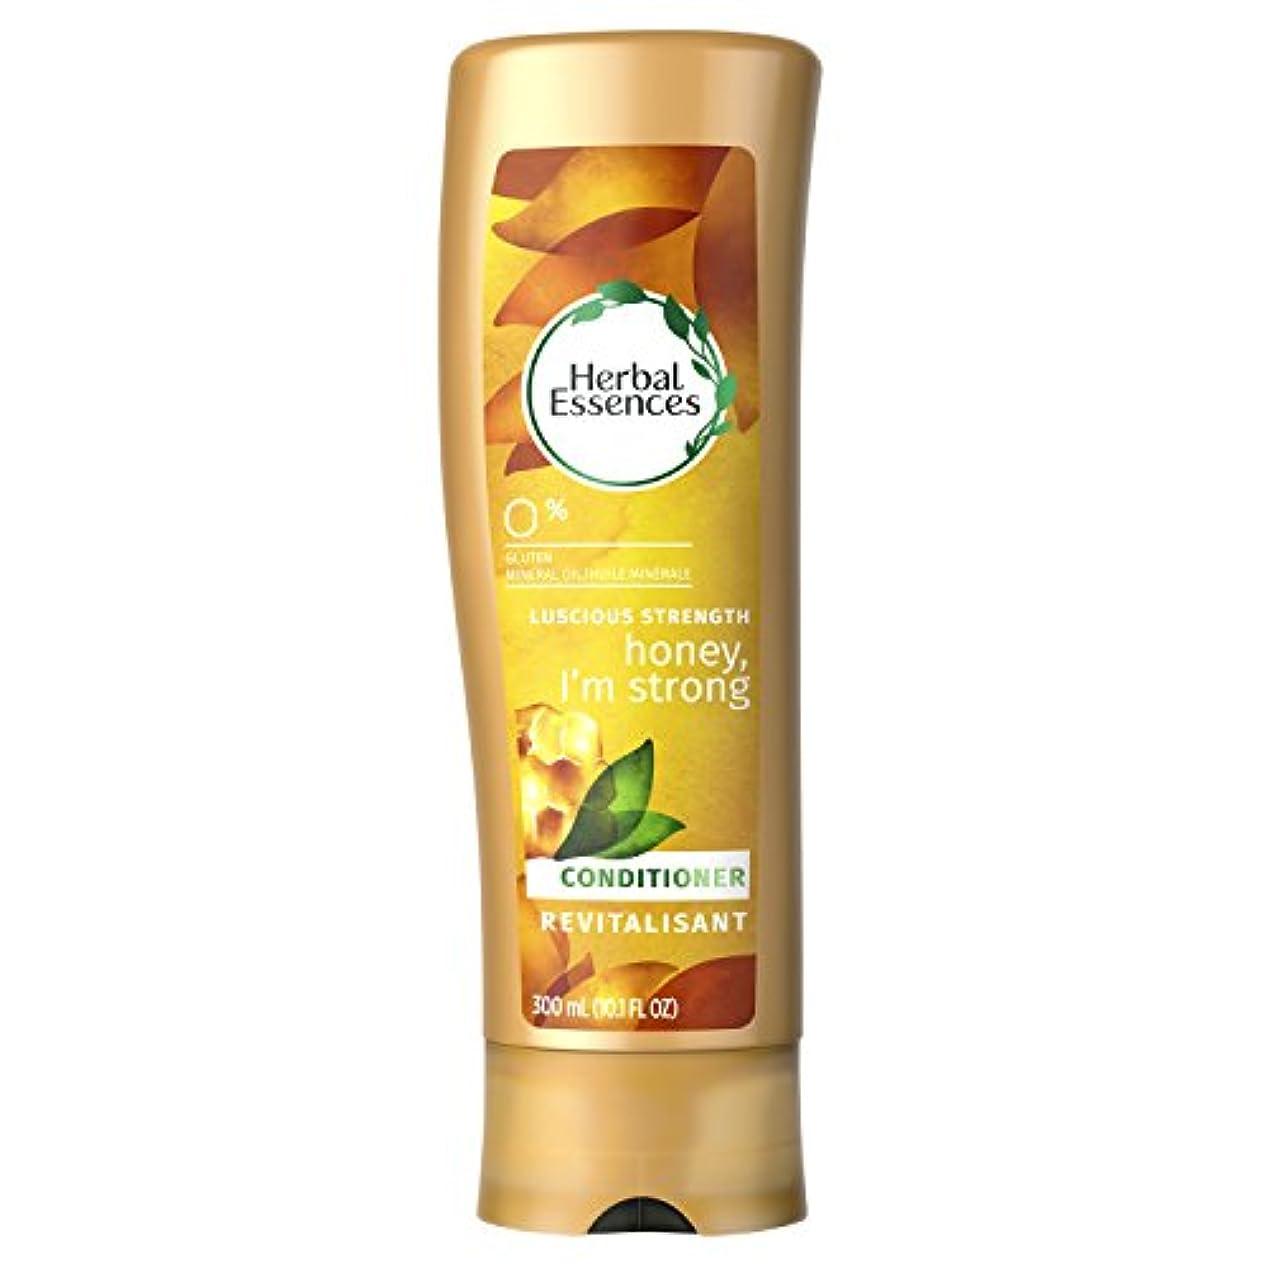 少年原子バーベキューHerbal Essences Honey I'm Strong Strengthening Conditioner, 10.1 Fluid Ounce by Procter & Gamble - HABA Hub [並行輸入品]